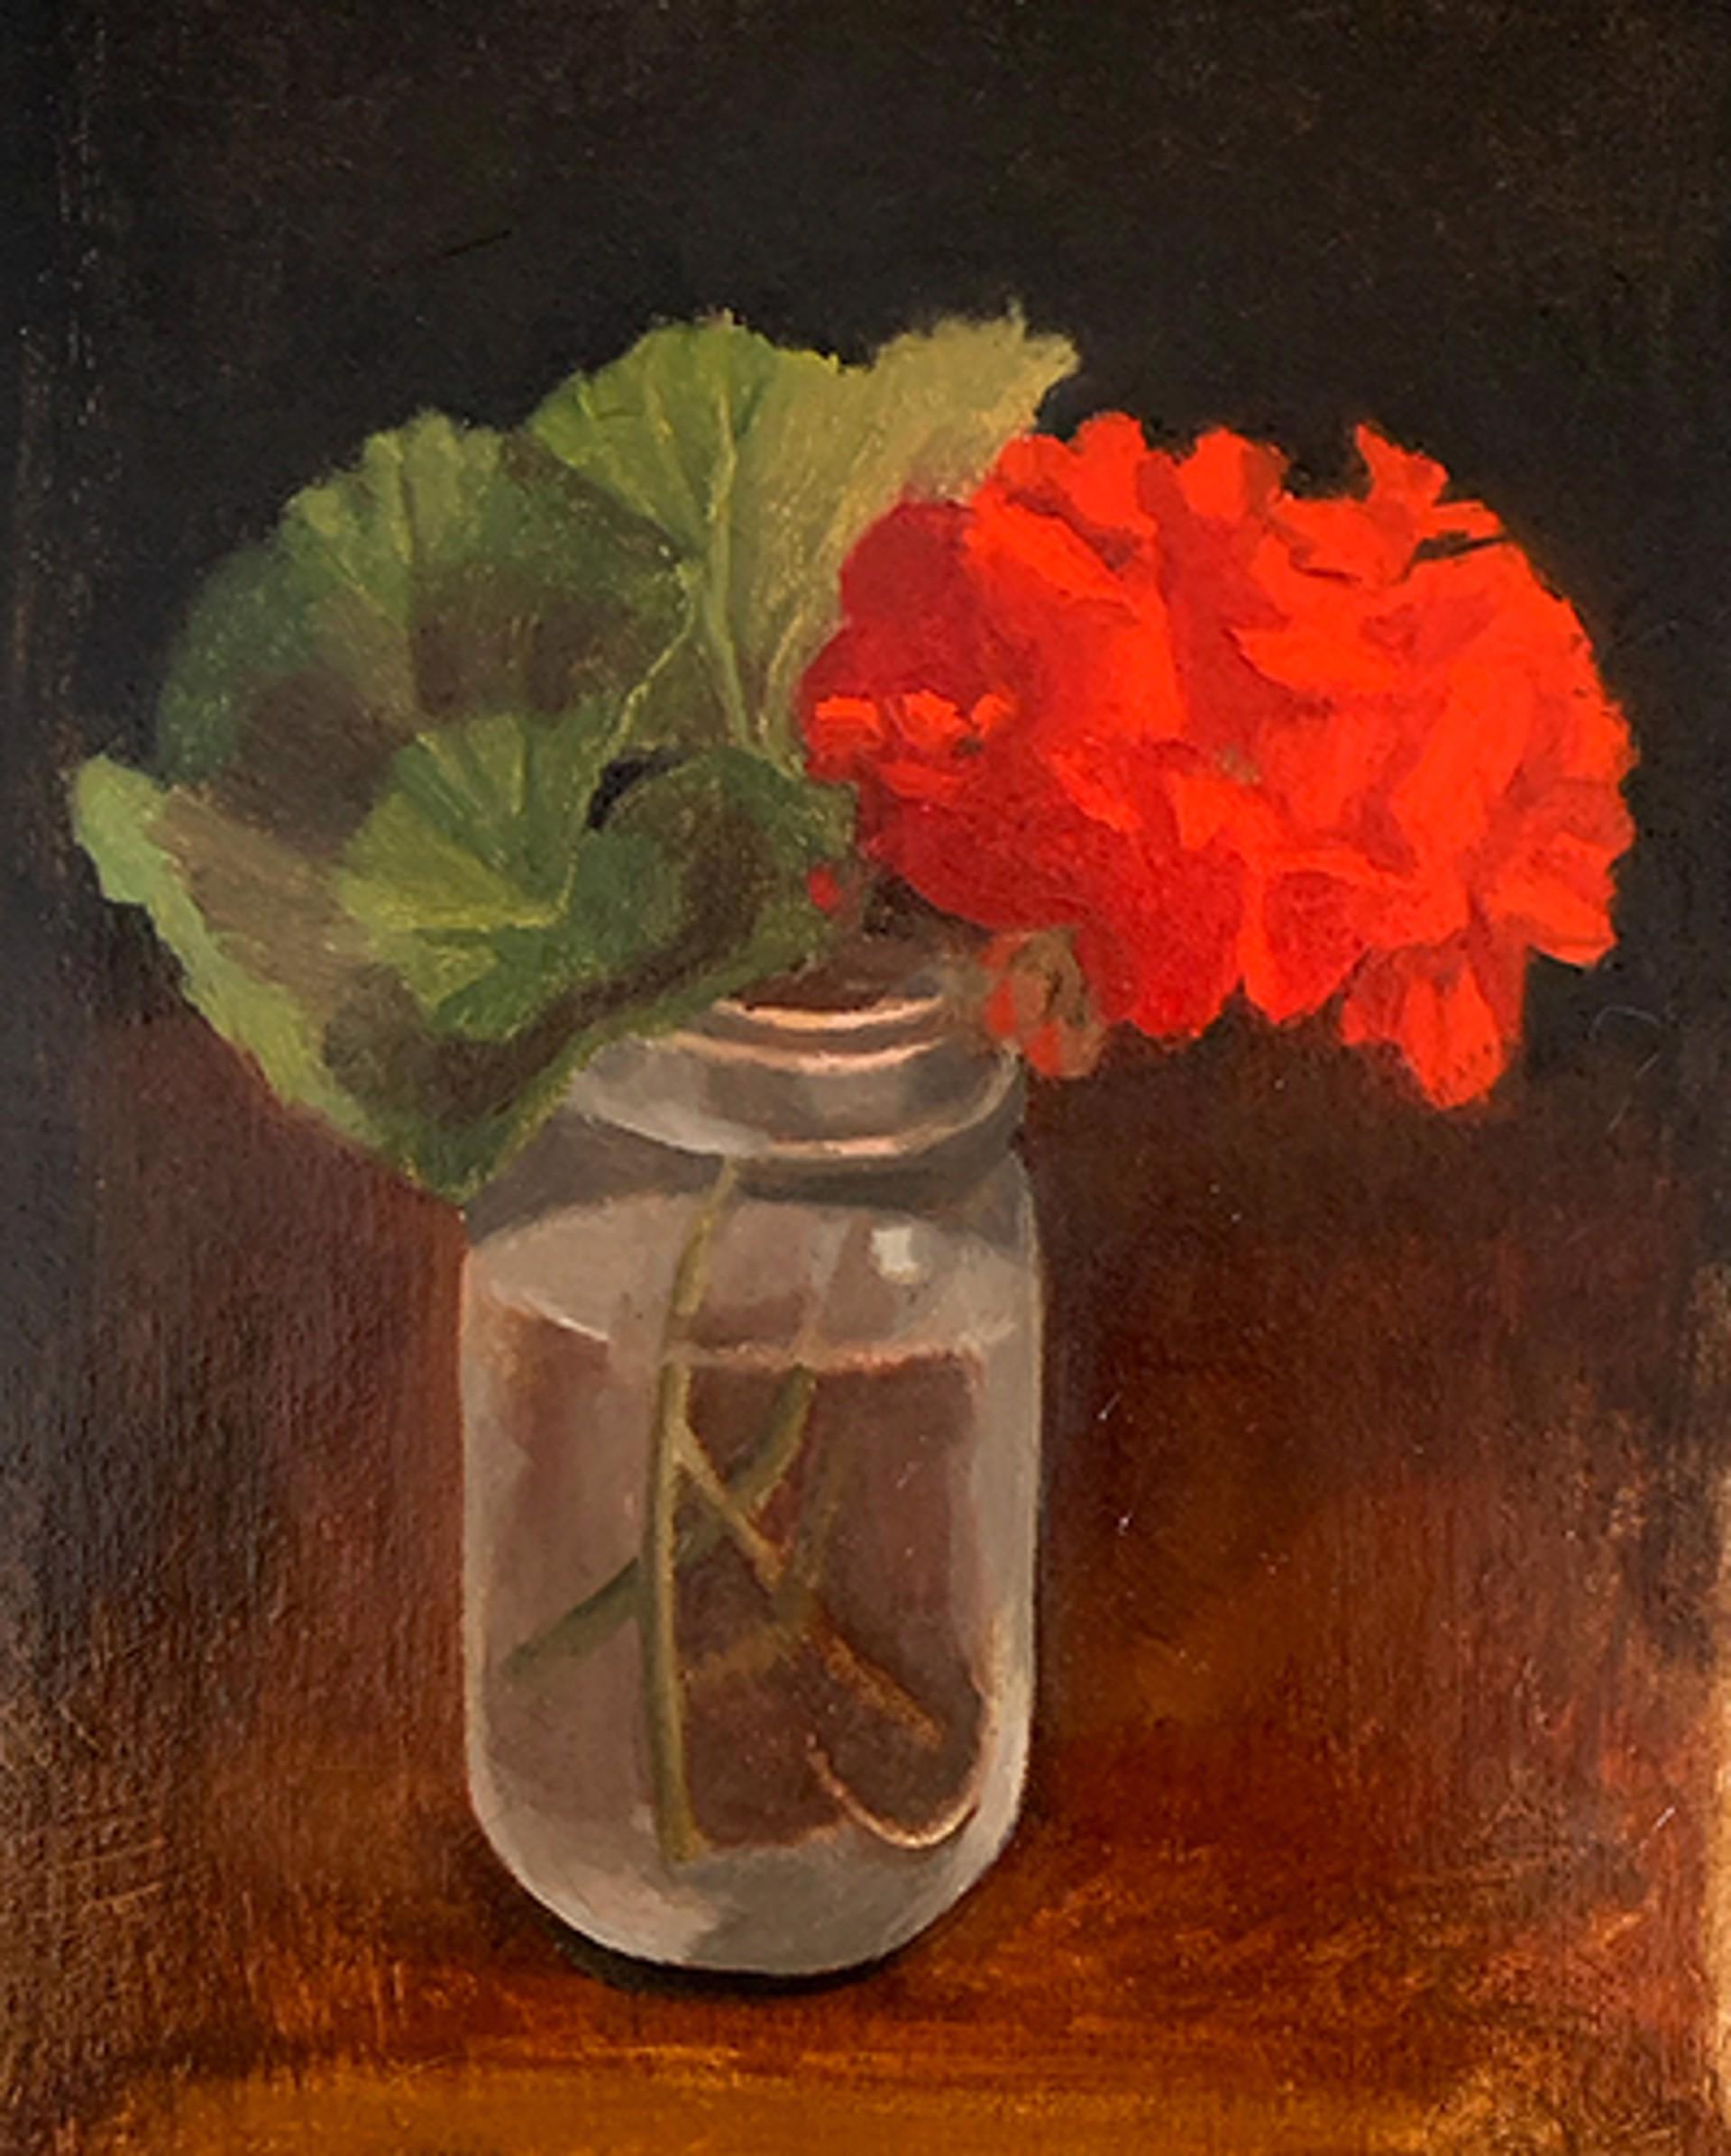 Red Geranium by Laura Murphey